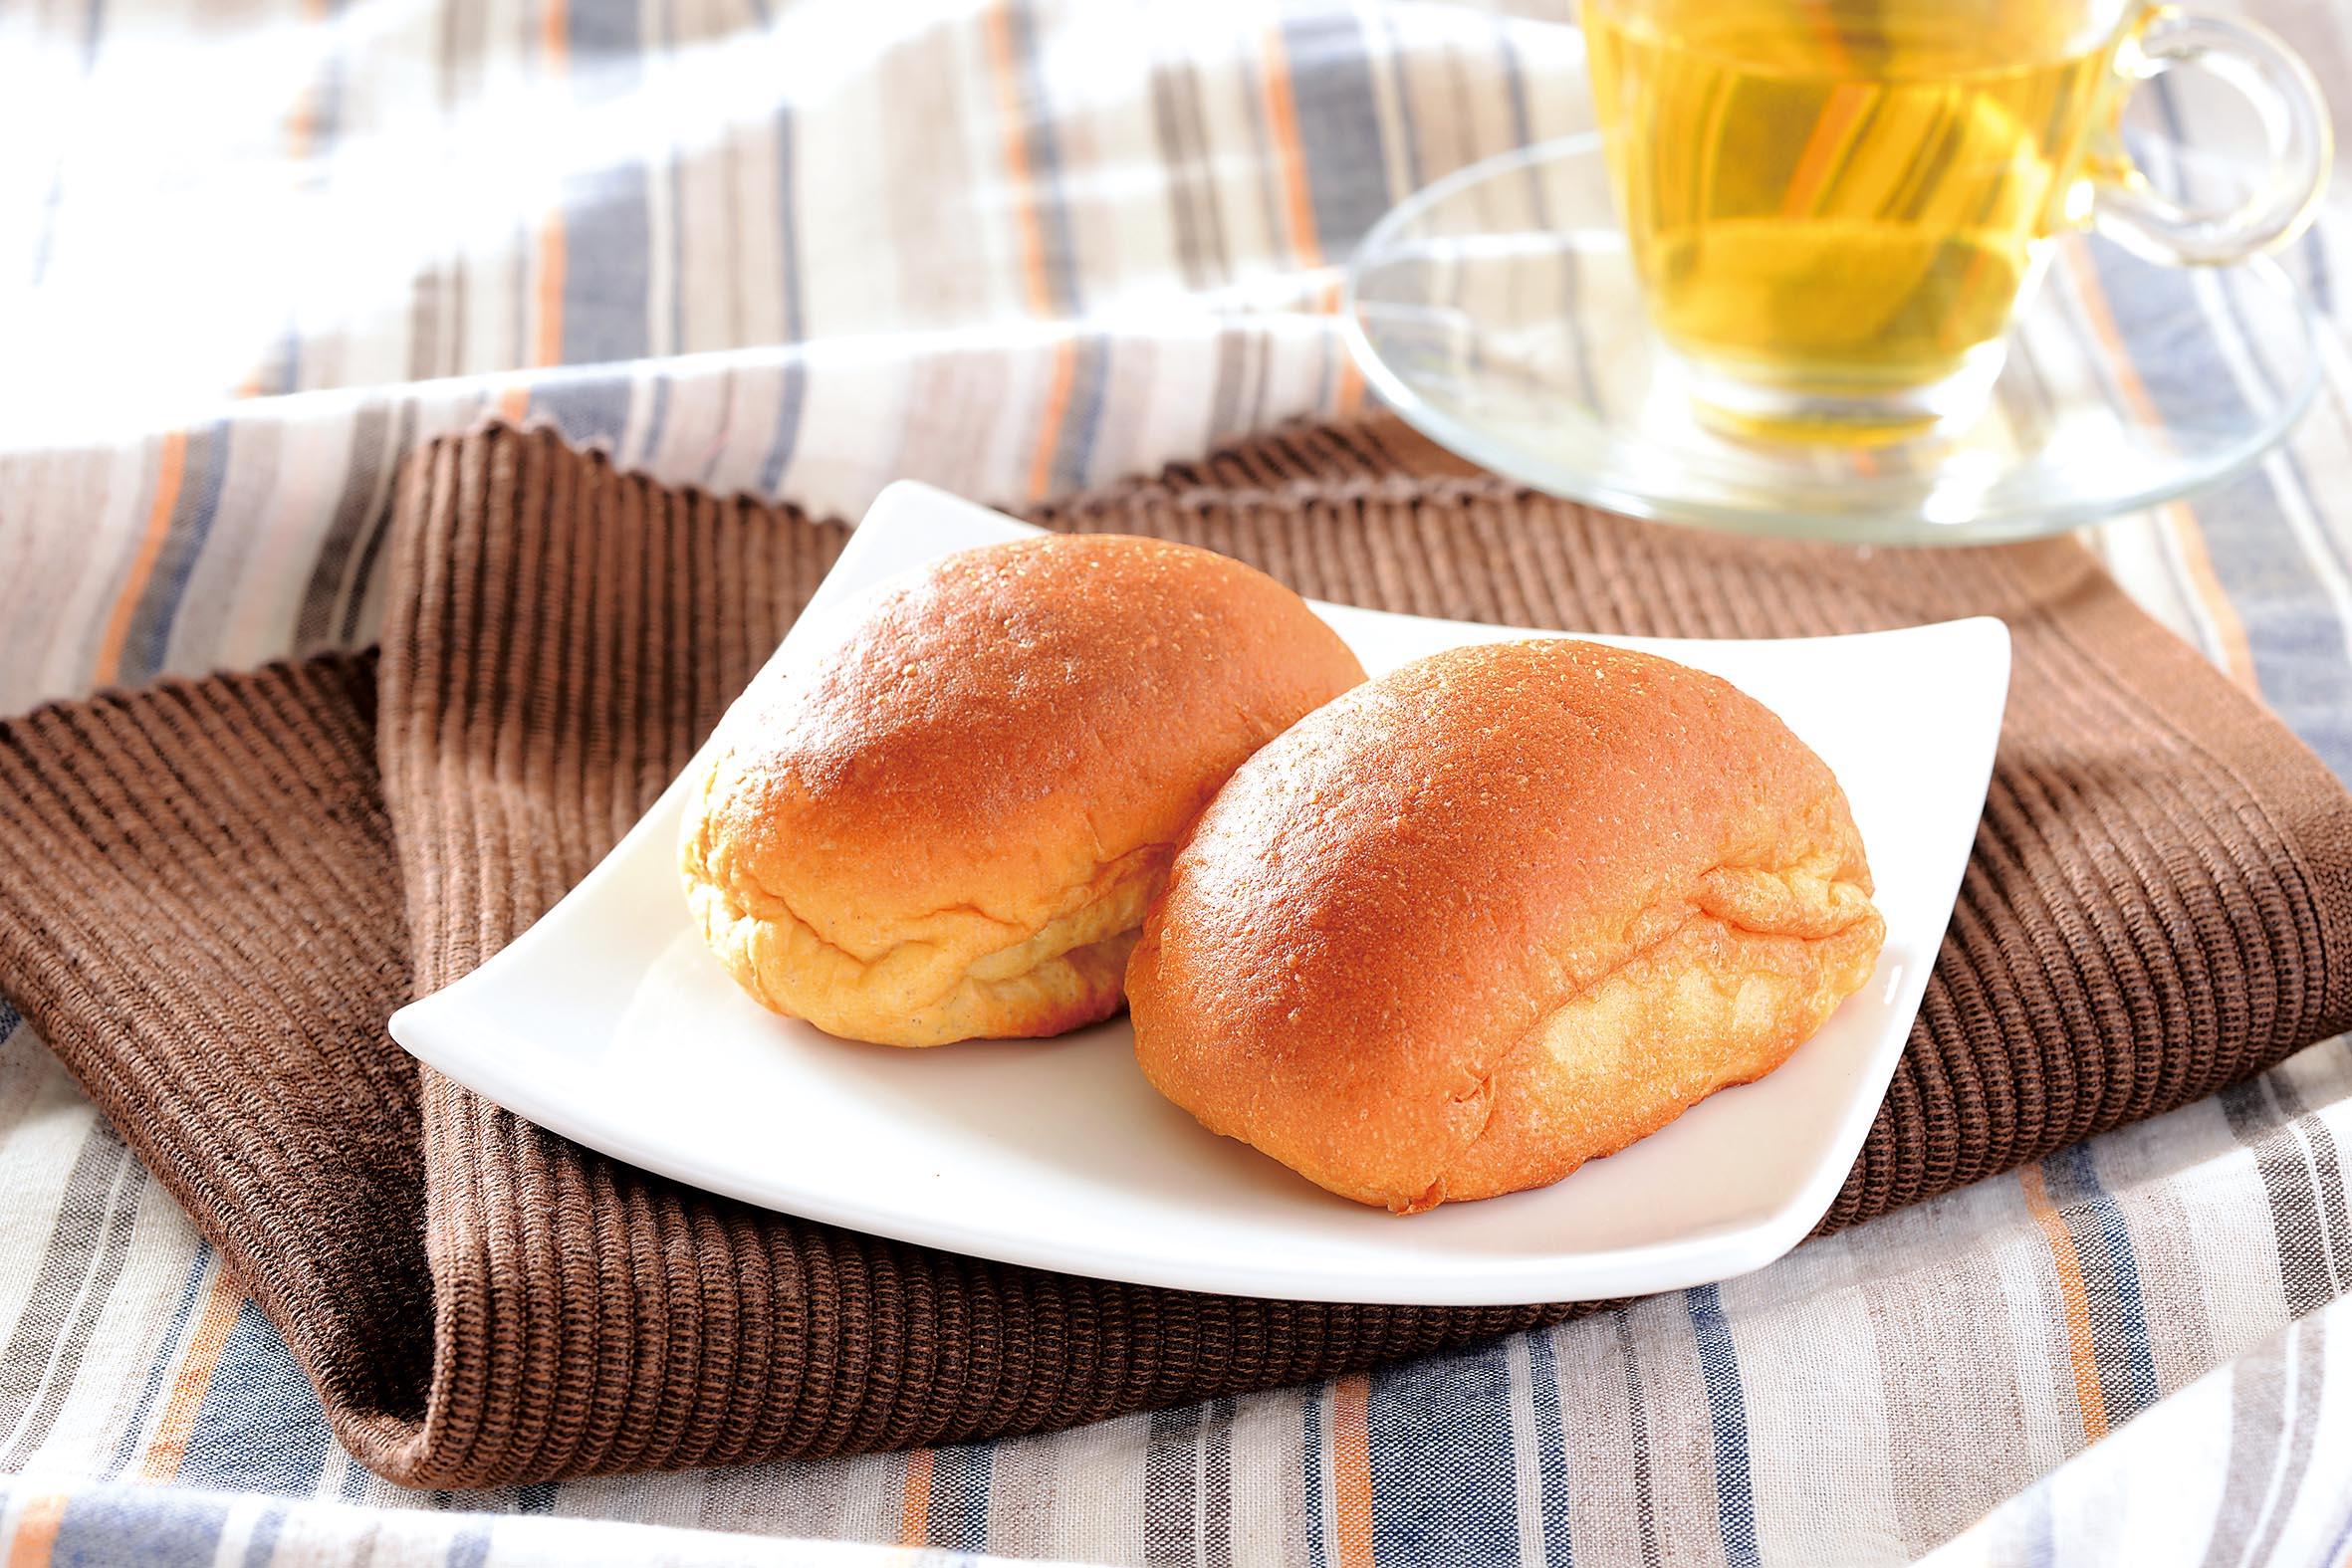 パンを食べても太らない食事方法とは?【身近で買えるダイエットパン】